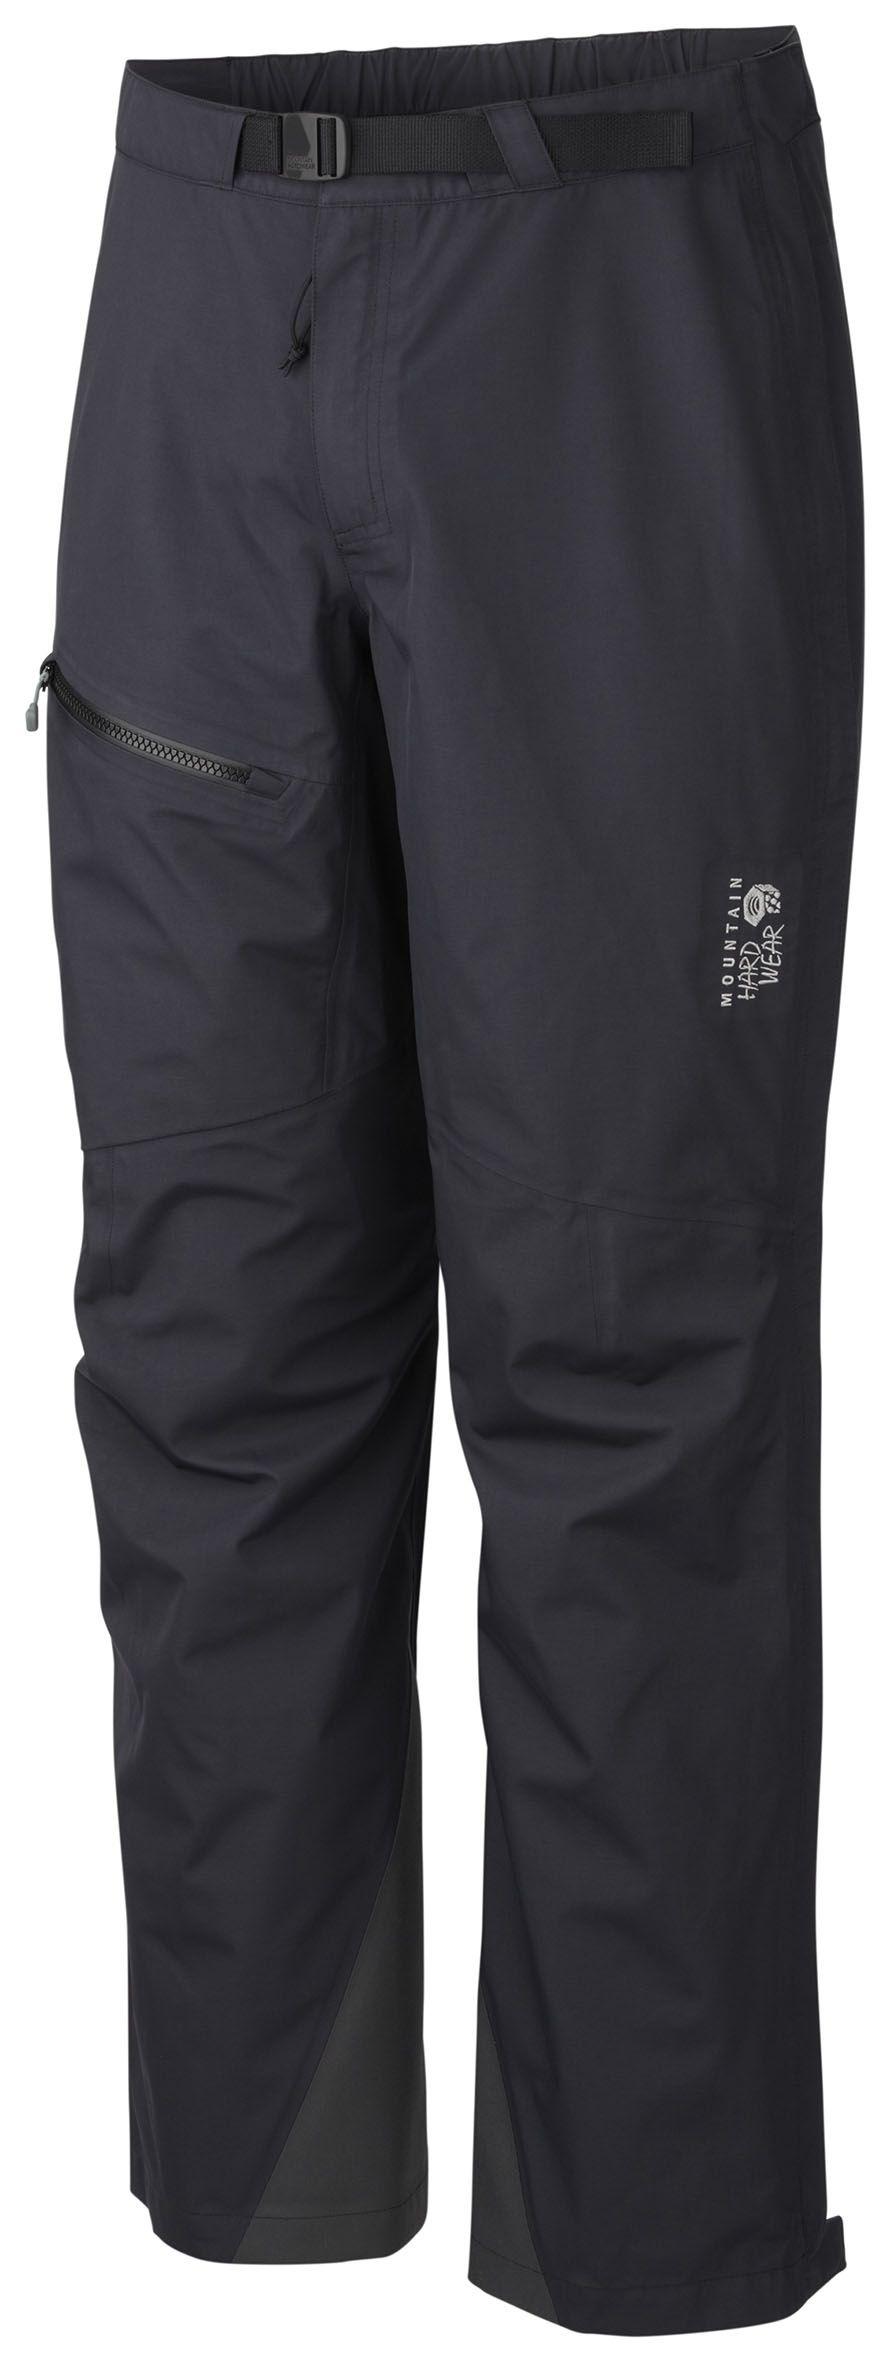 Torsun Pant - Foto: Mountain Hardwear